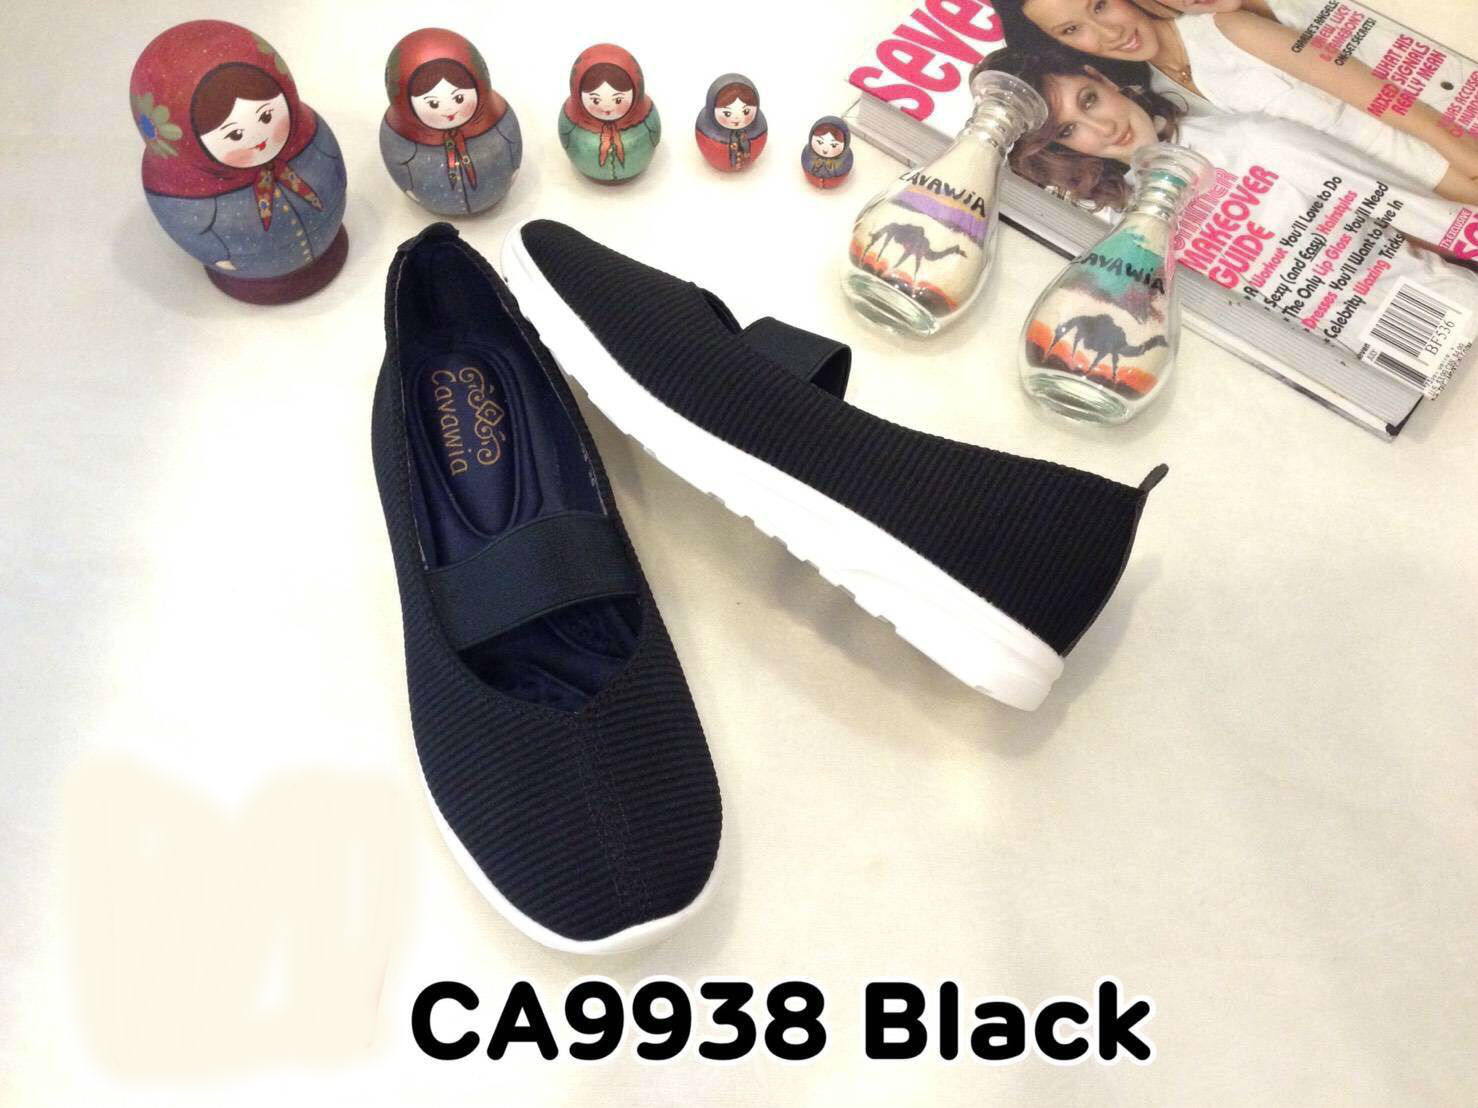 รองเท้าคัทชู ส้นเตี้ย สไตล์เพื่อสุขภาพ สวยเรียบเก๋ พื้นนิ่มซัปพอร์ตเท้า งานสวย ใส่สบาย แมทสวยได้ทุกชุด (CA9938)